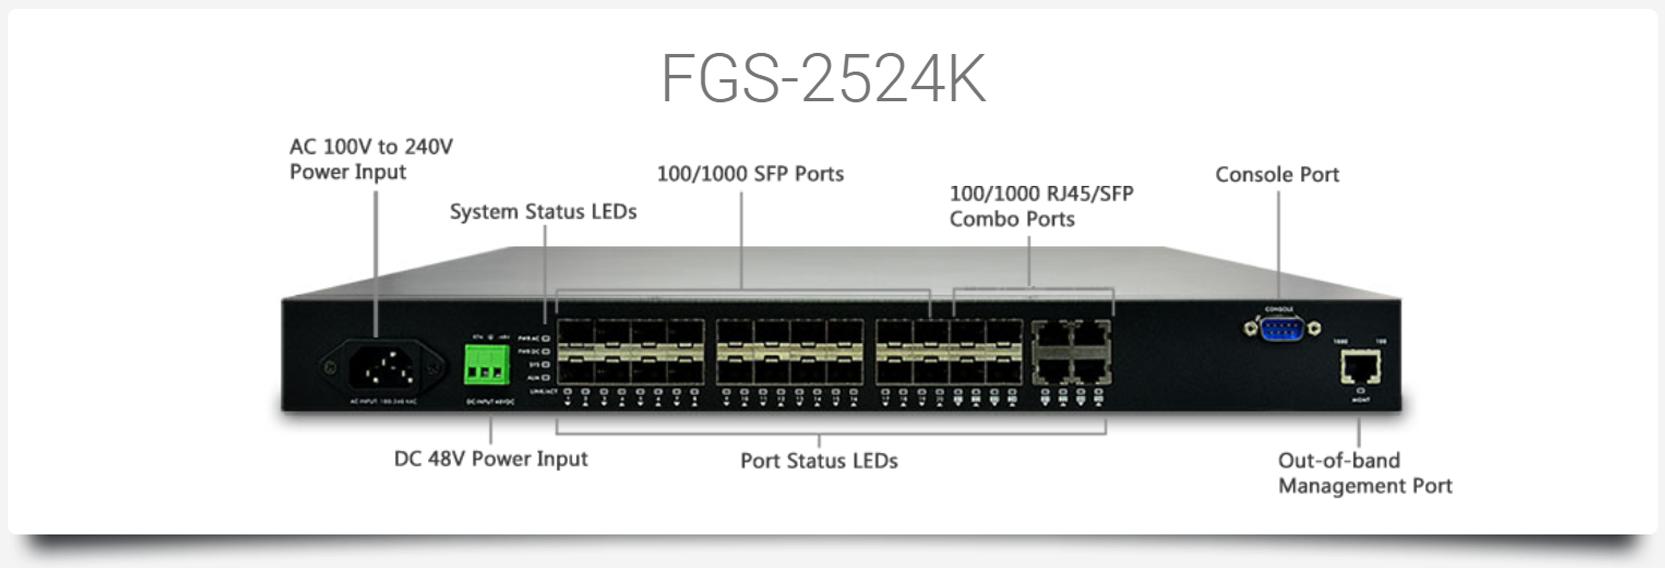 FGS-2524K